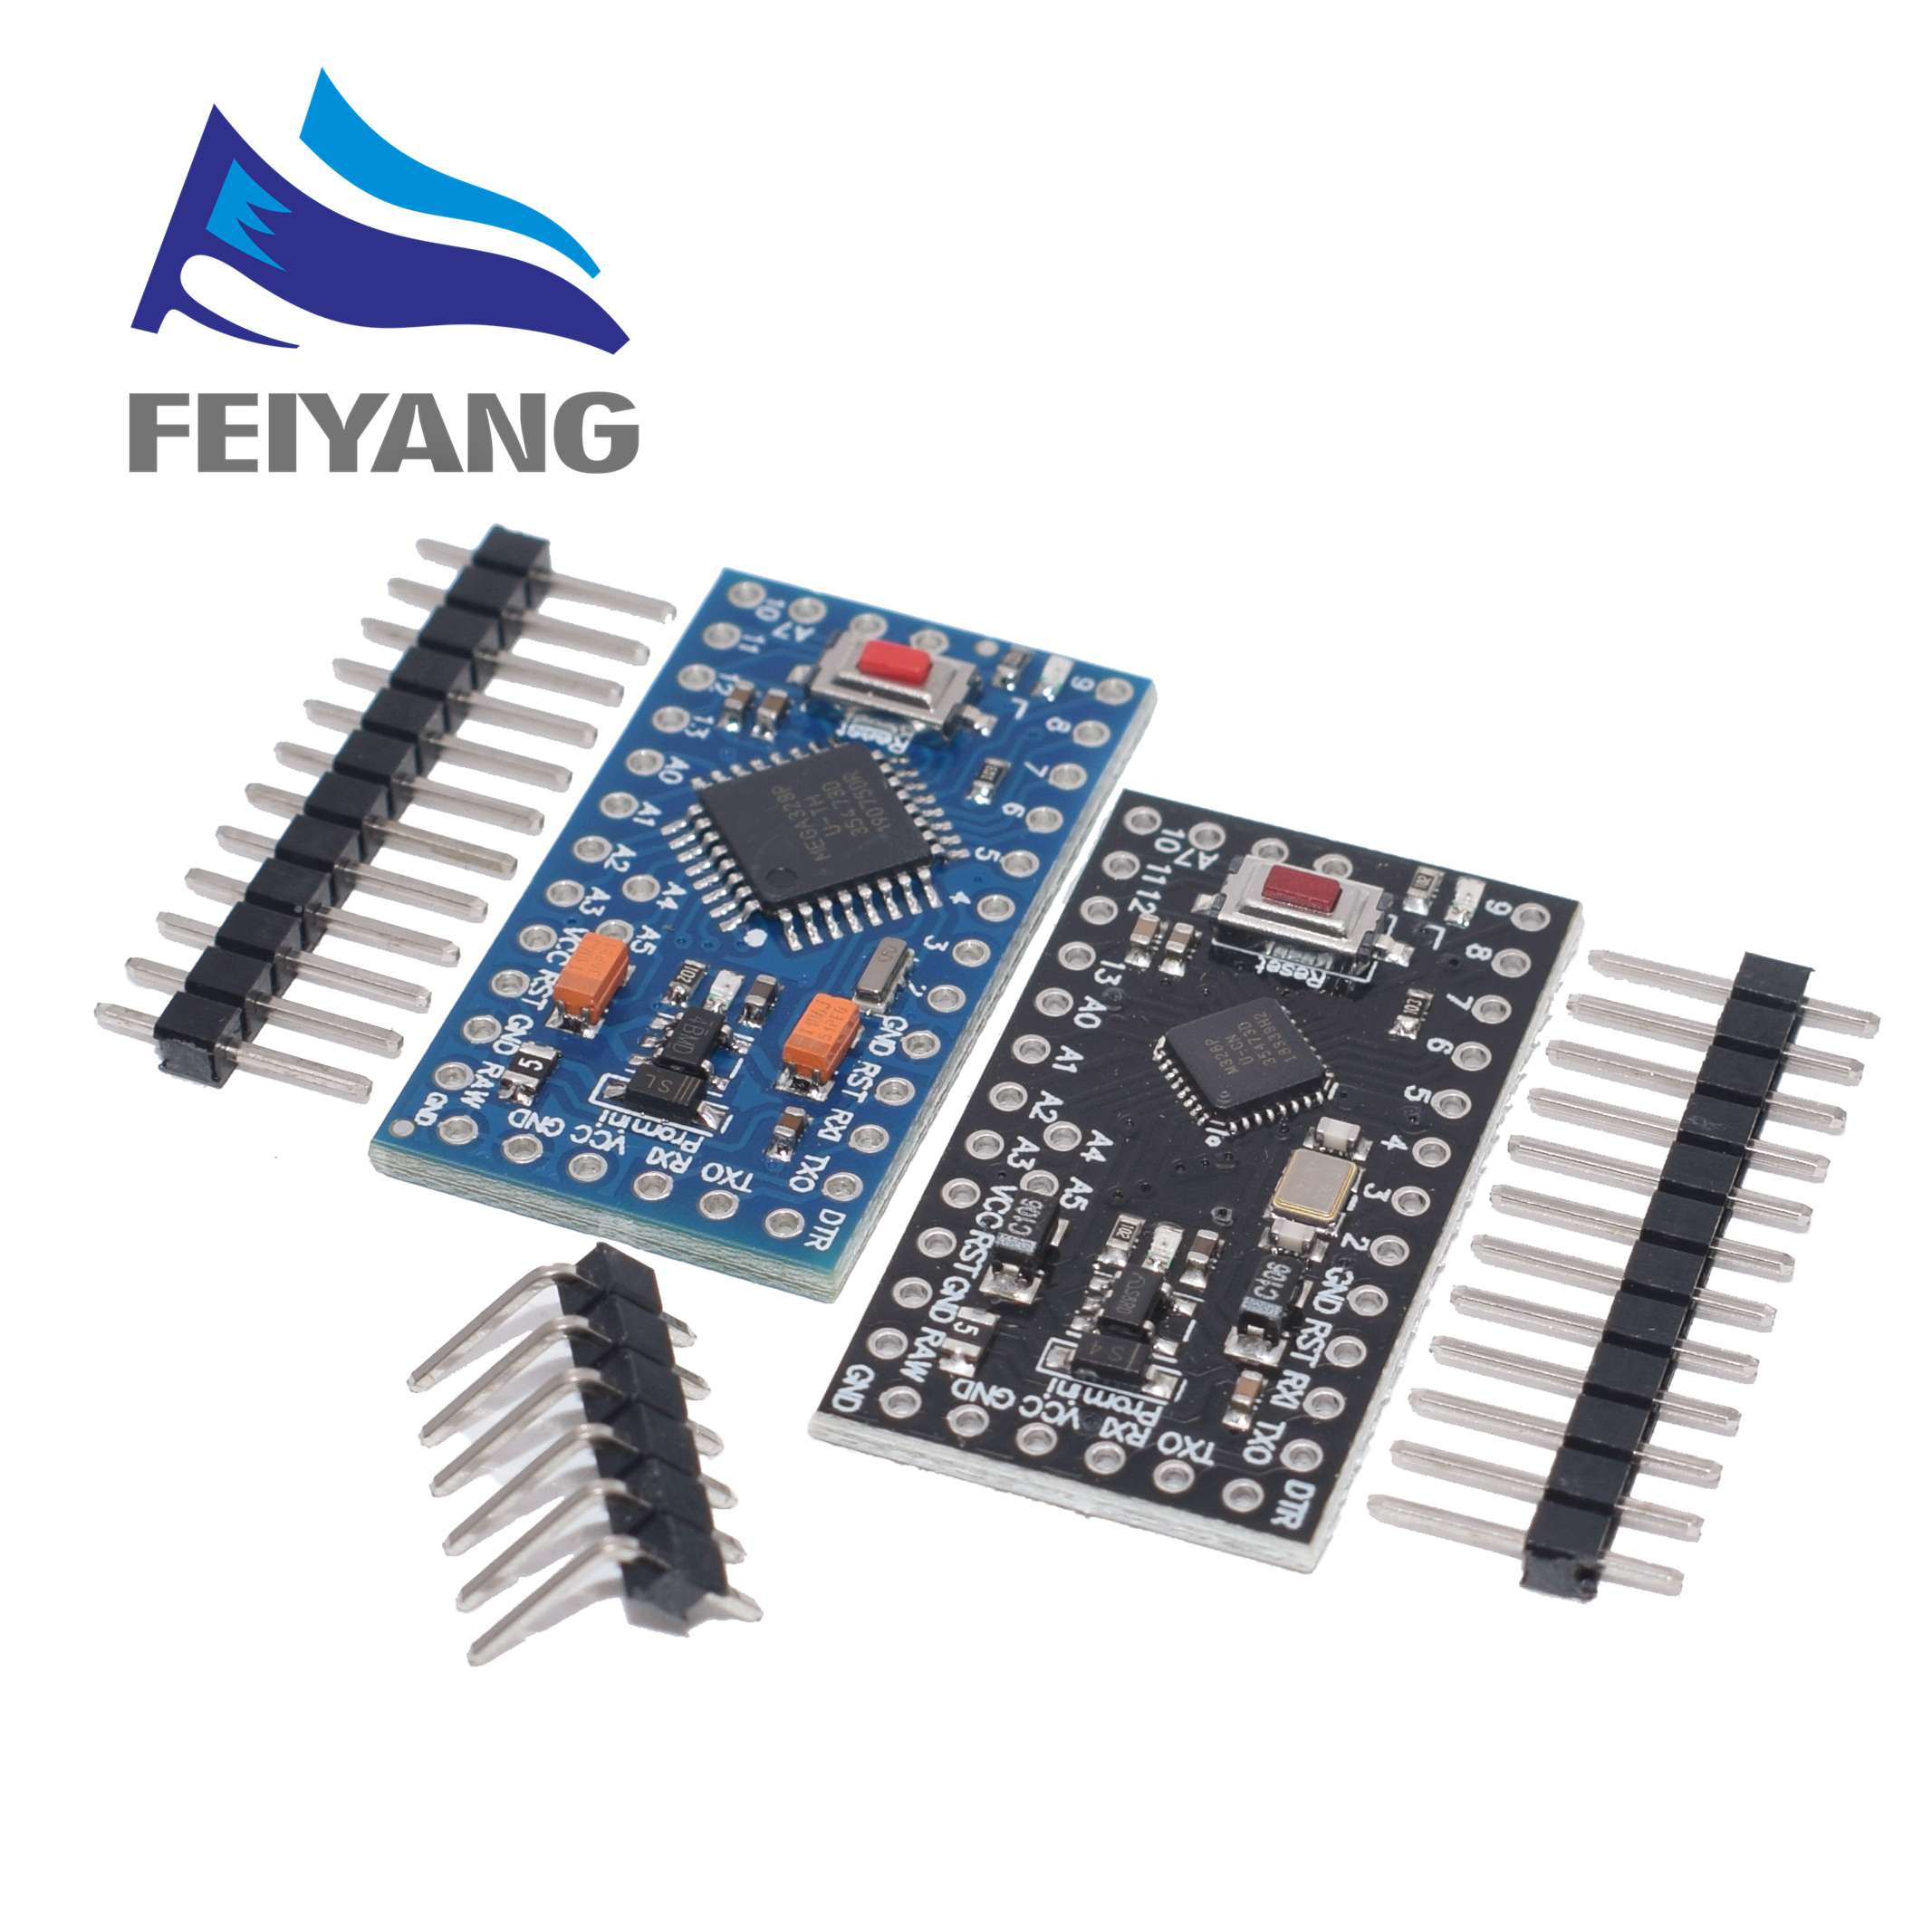 ATMEGA328P Pro Mini 3.3V/8Mhz 5V/16MHZ ATMEGA328 For ArduinoATMEGA328P Pro Mini 3.3V/8Mhz 5V/16MHZ ATMEGA328 For Arduino